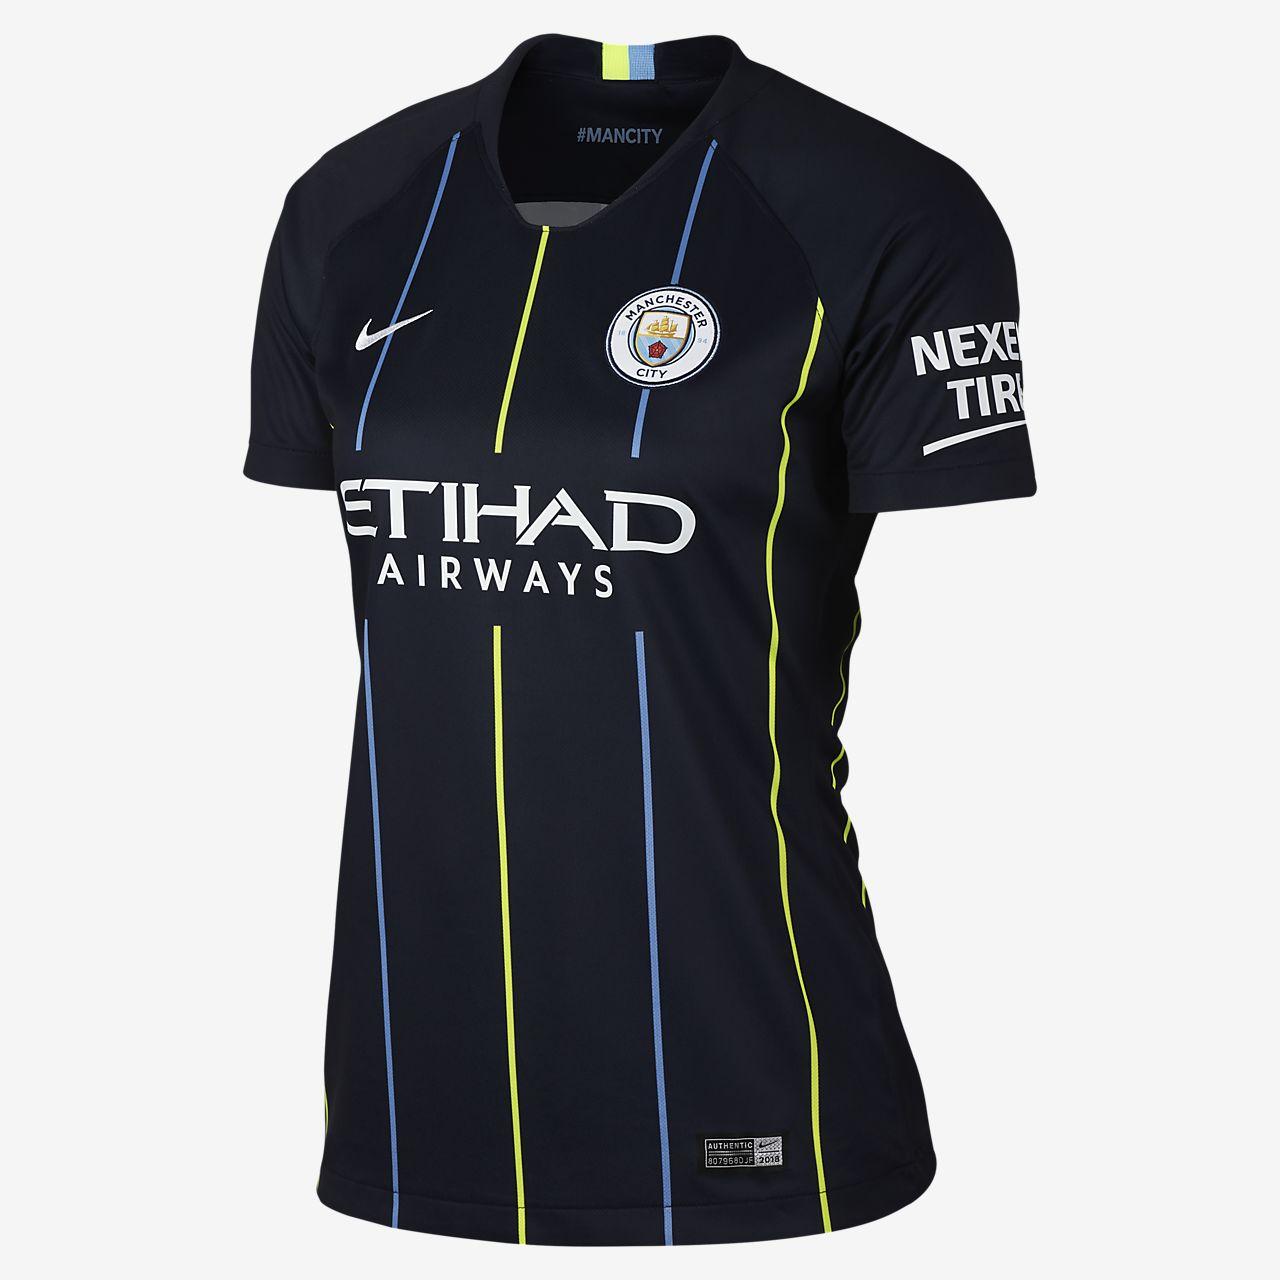 Γυναικεία ποδοσφαιρική φανέλα 2018/19 Manchester City FC Stadium Away